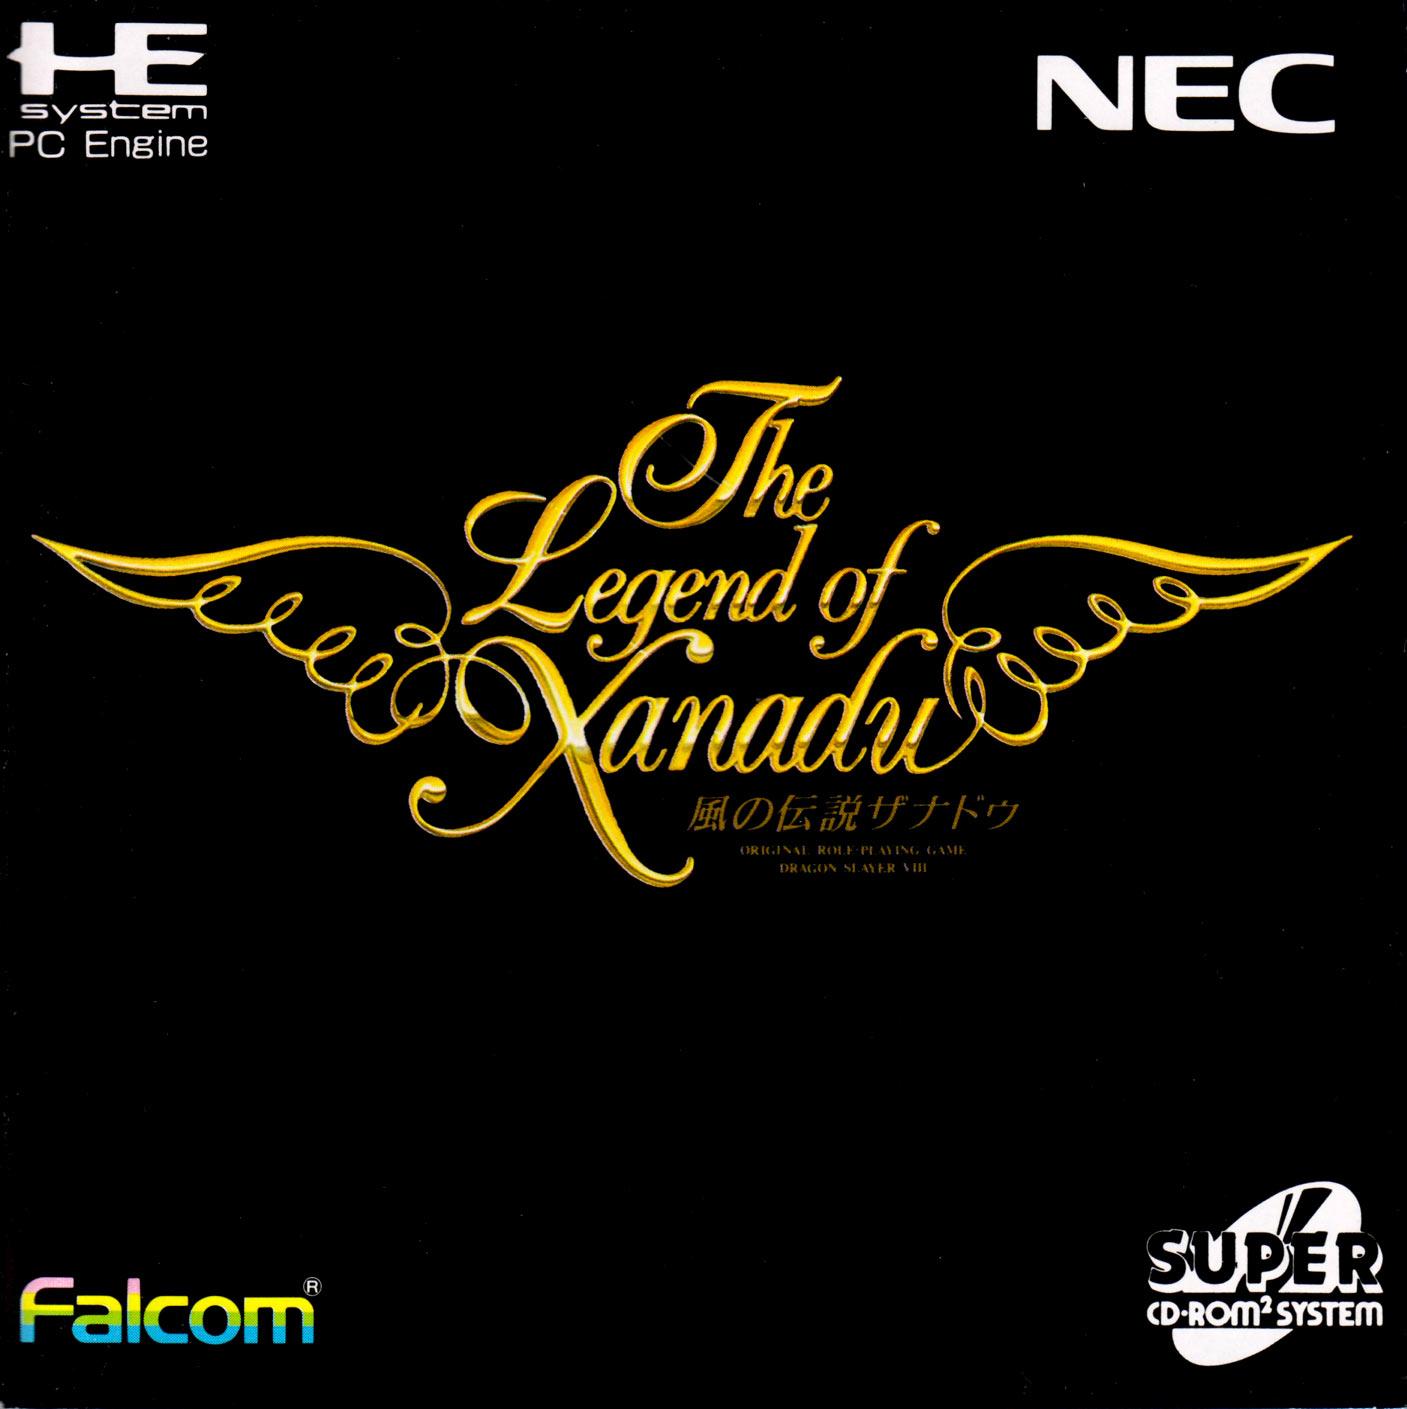 legend of xanadu